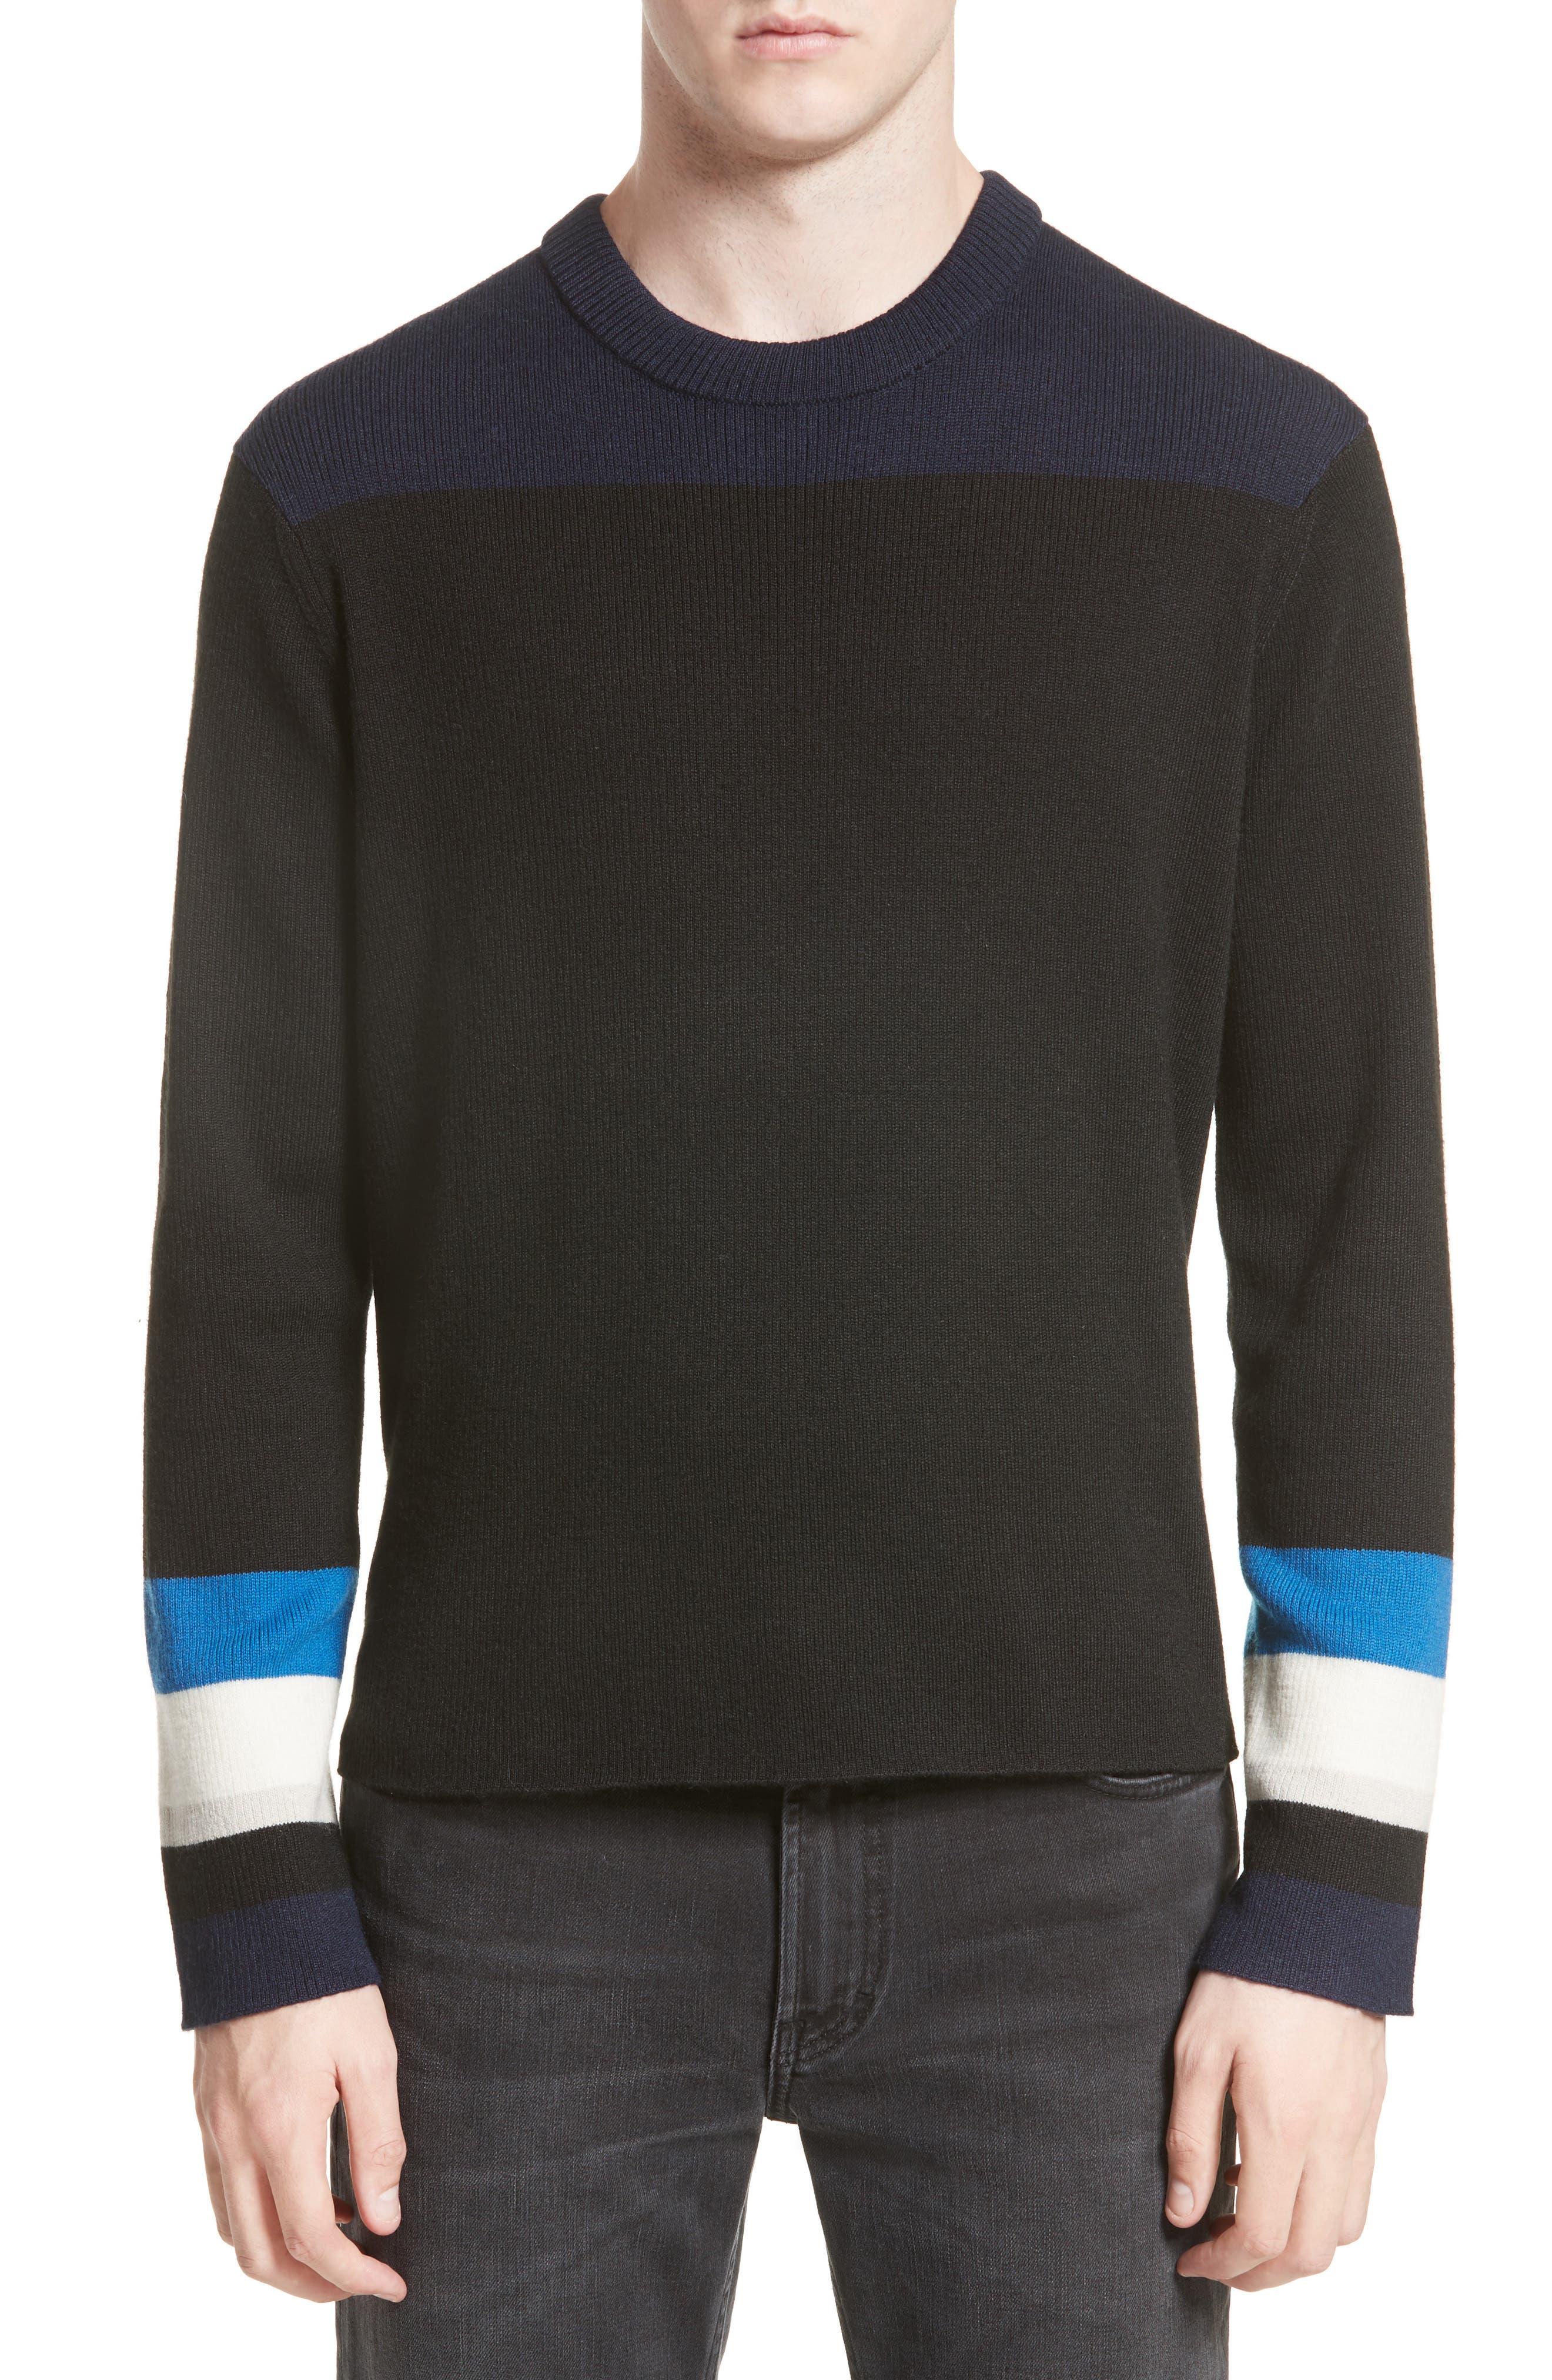 ACNE Studios Nazar Colorblock Sweater